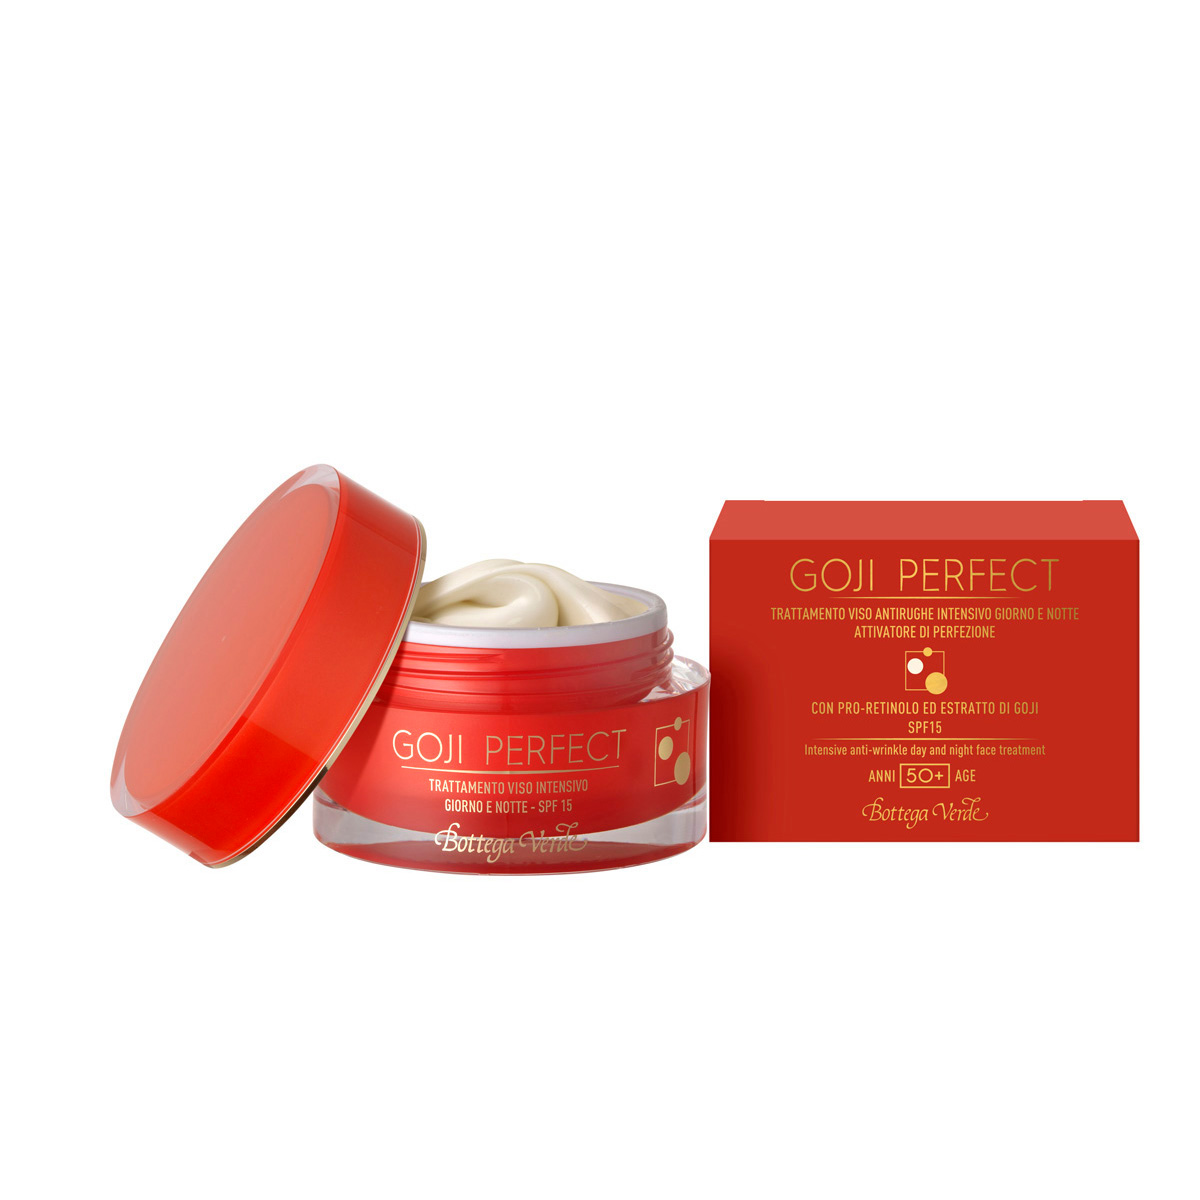 Goji perfect - Tratament pentru fata, anti-rid intensiv, de zi si de noapte cu PRO-Retinol si extract din Goji - SPF15 - 50+